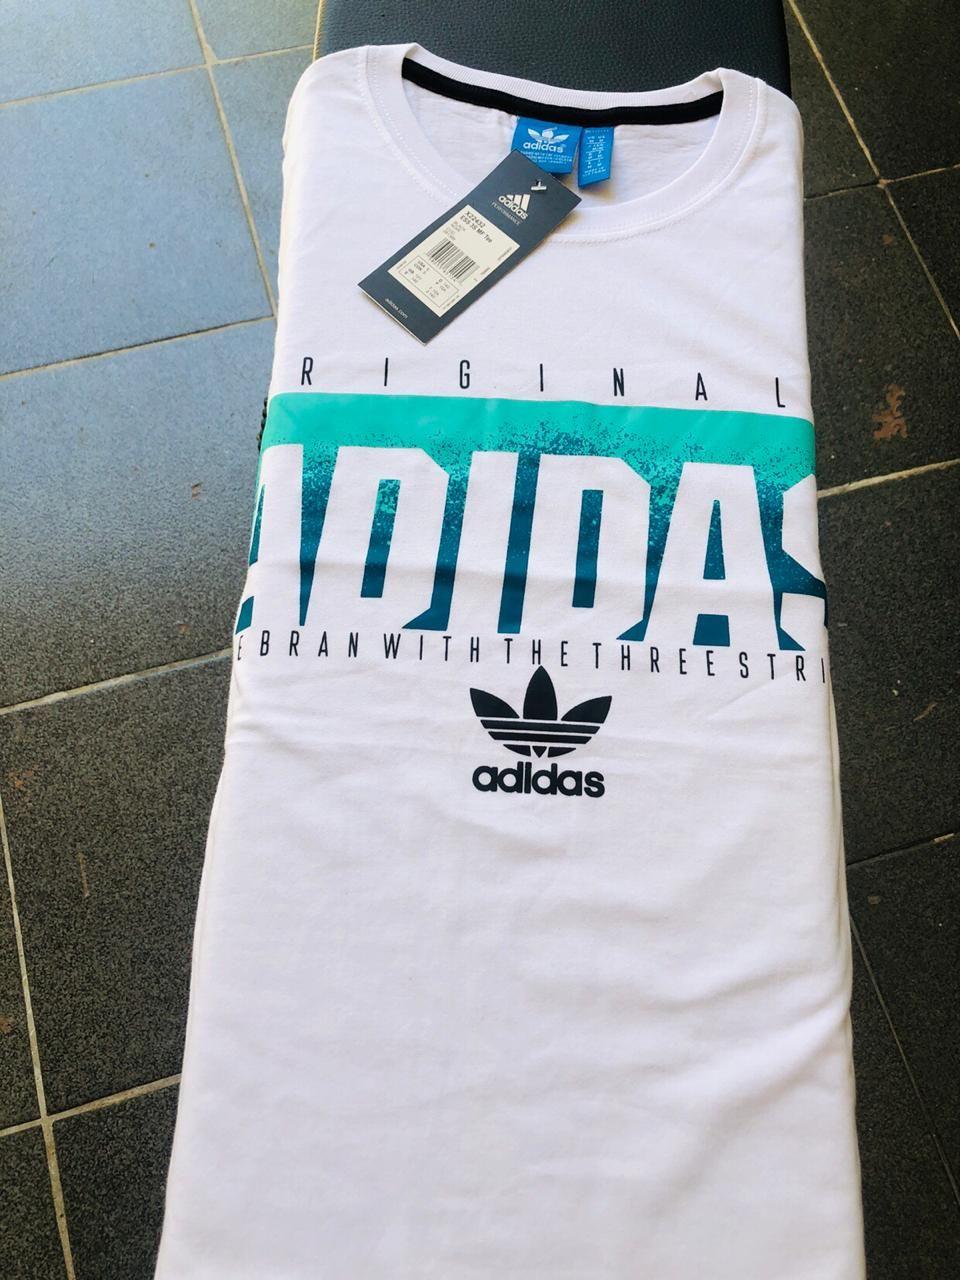 Camisetas Adidas fabricadas no Peru. Material de excelente